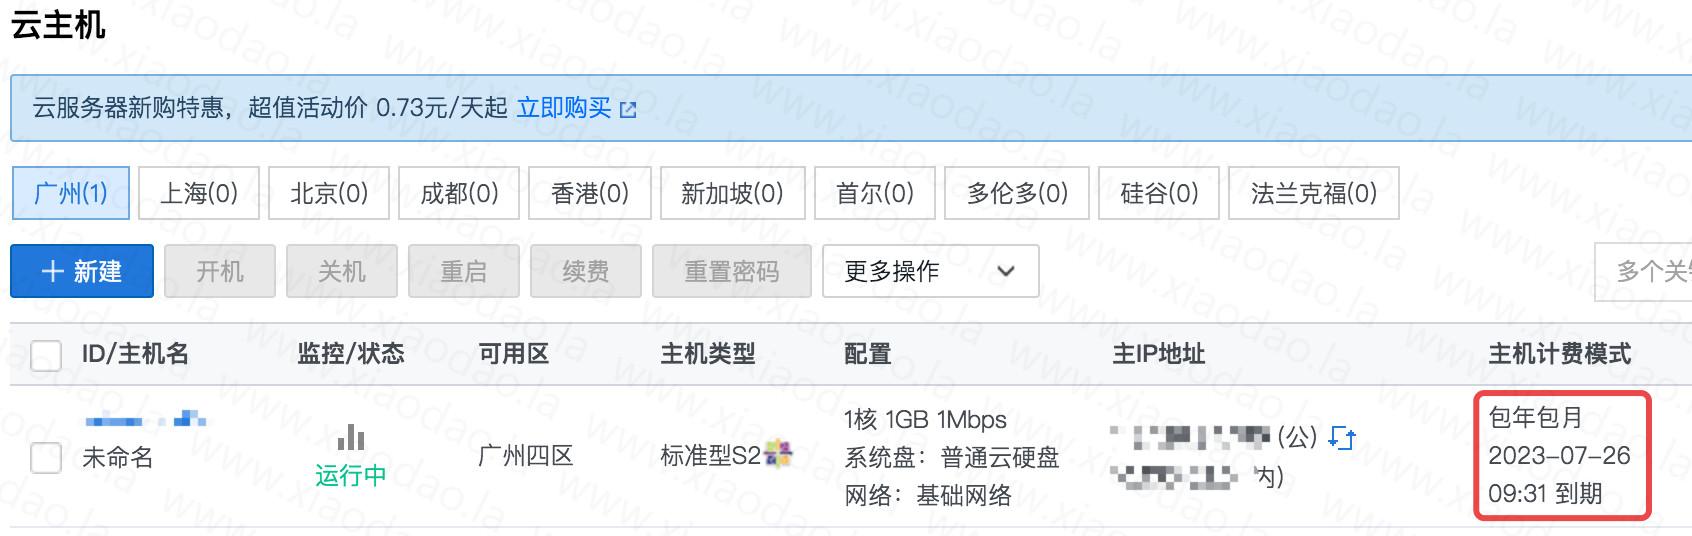 最新活动:腾讯云ADM 8元1月云服务器